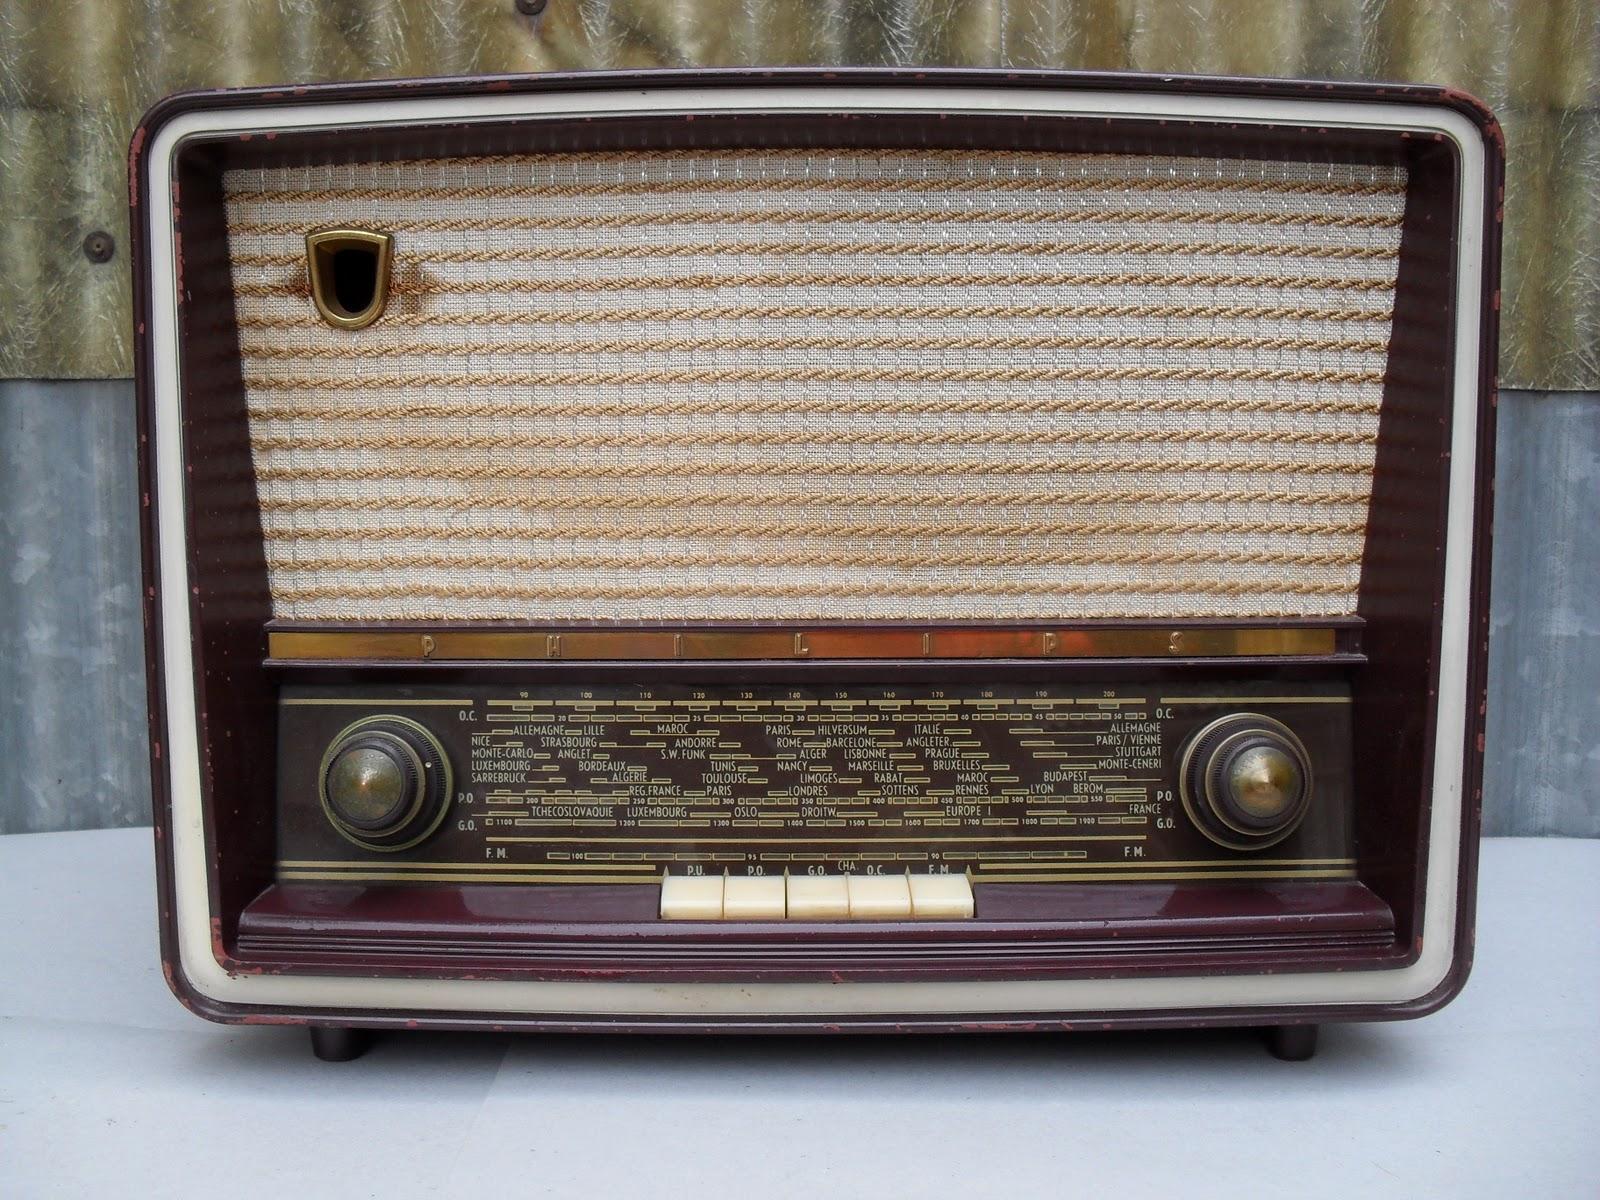 collectionneur de tsf et radio philips mod le b4f 75 a ann e 1957. Black Bedroom Furniture Sets. Home Design Ideas